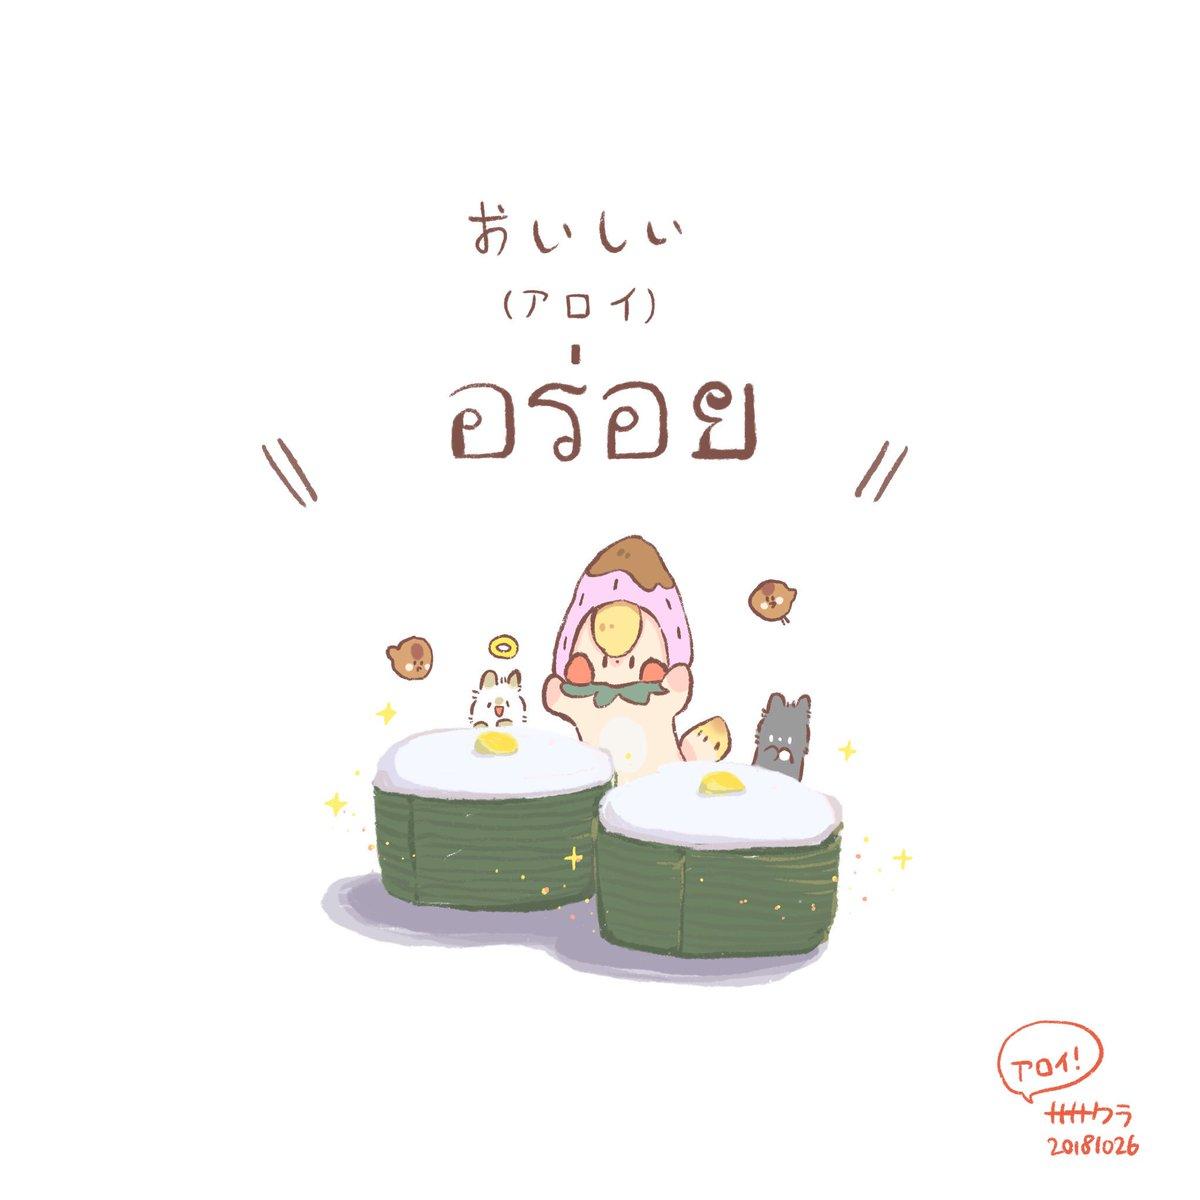 টইটর ササクラ タイ料理 アロイ イラスト 絵 絵描き